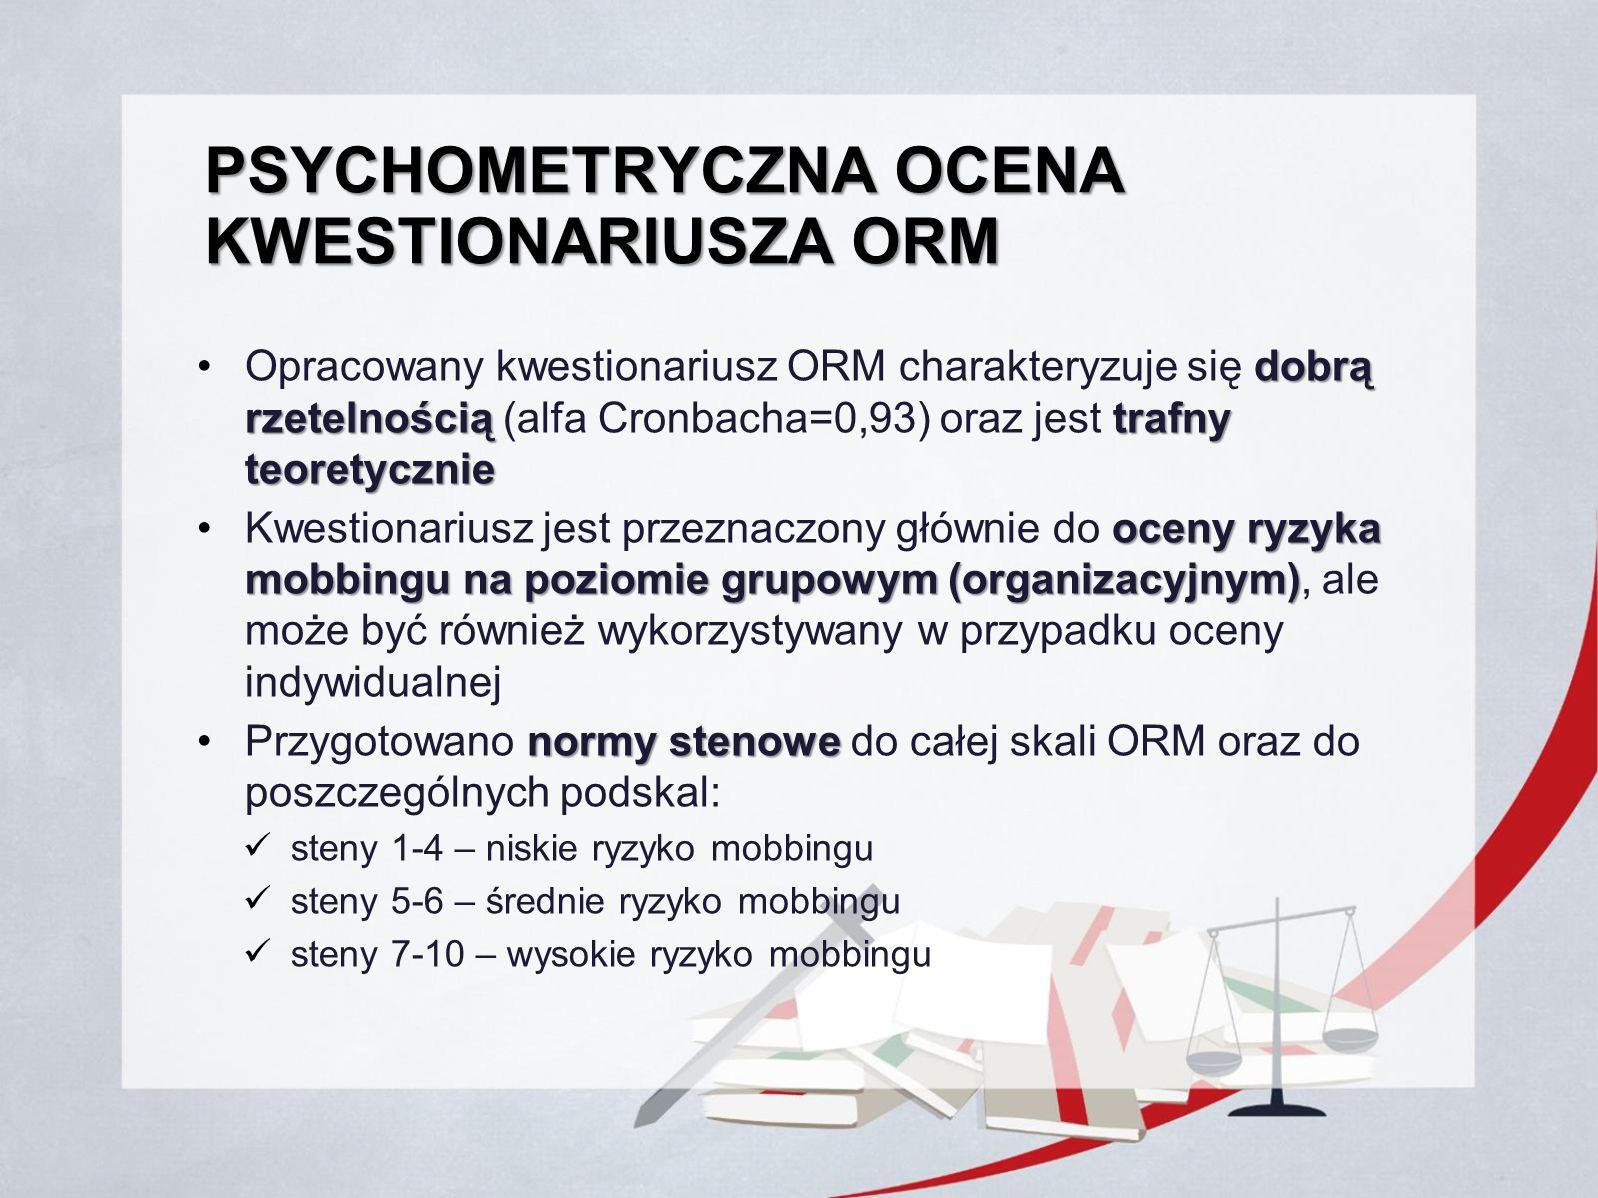 Psychometryczna ocena kwestionariusza ORM